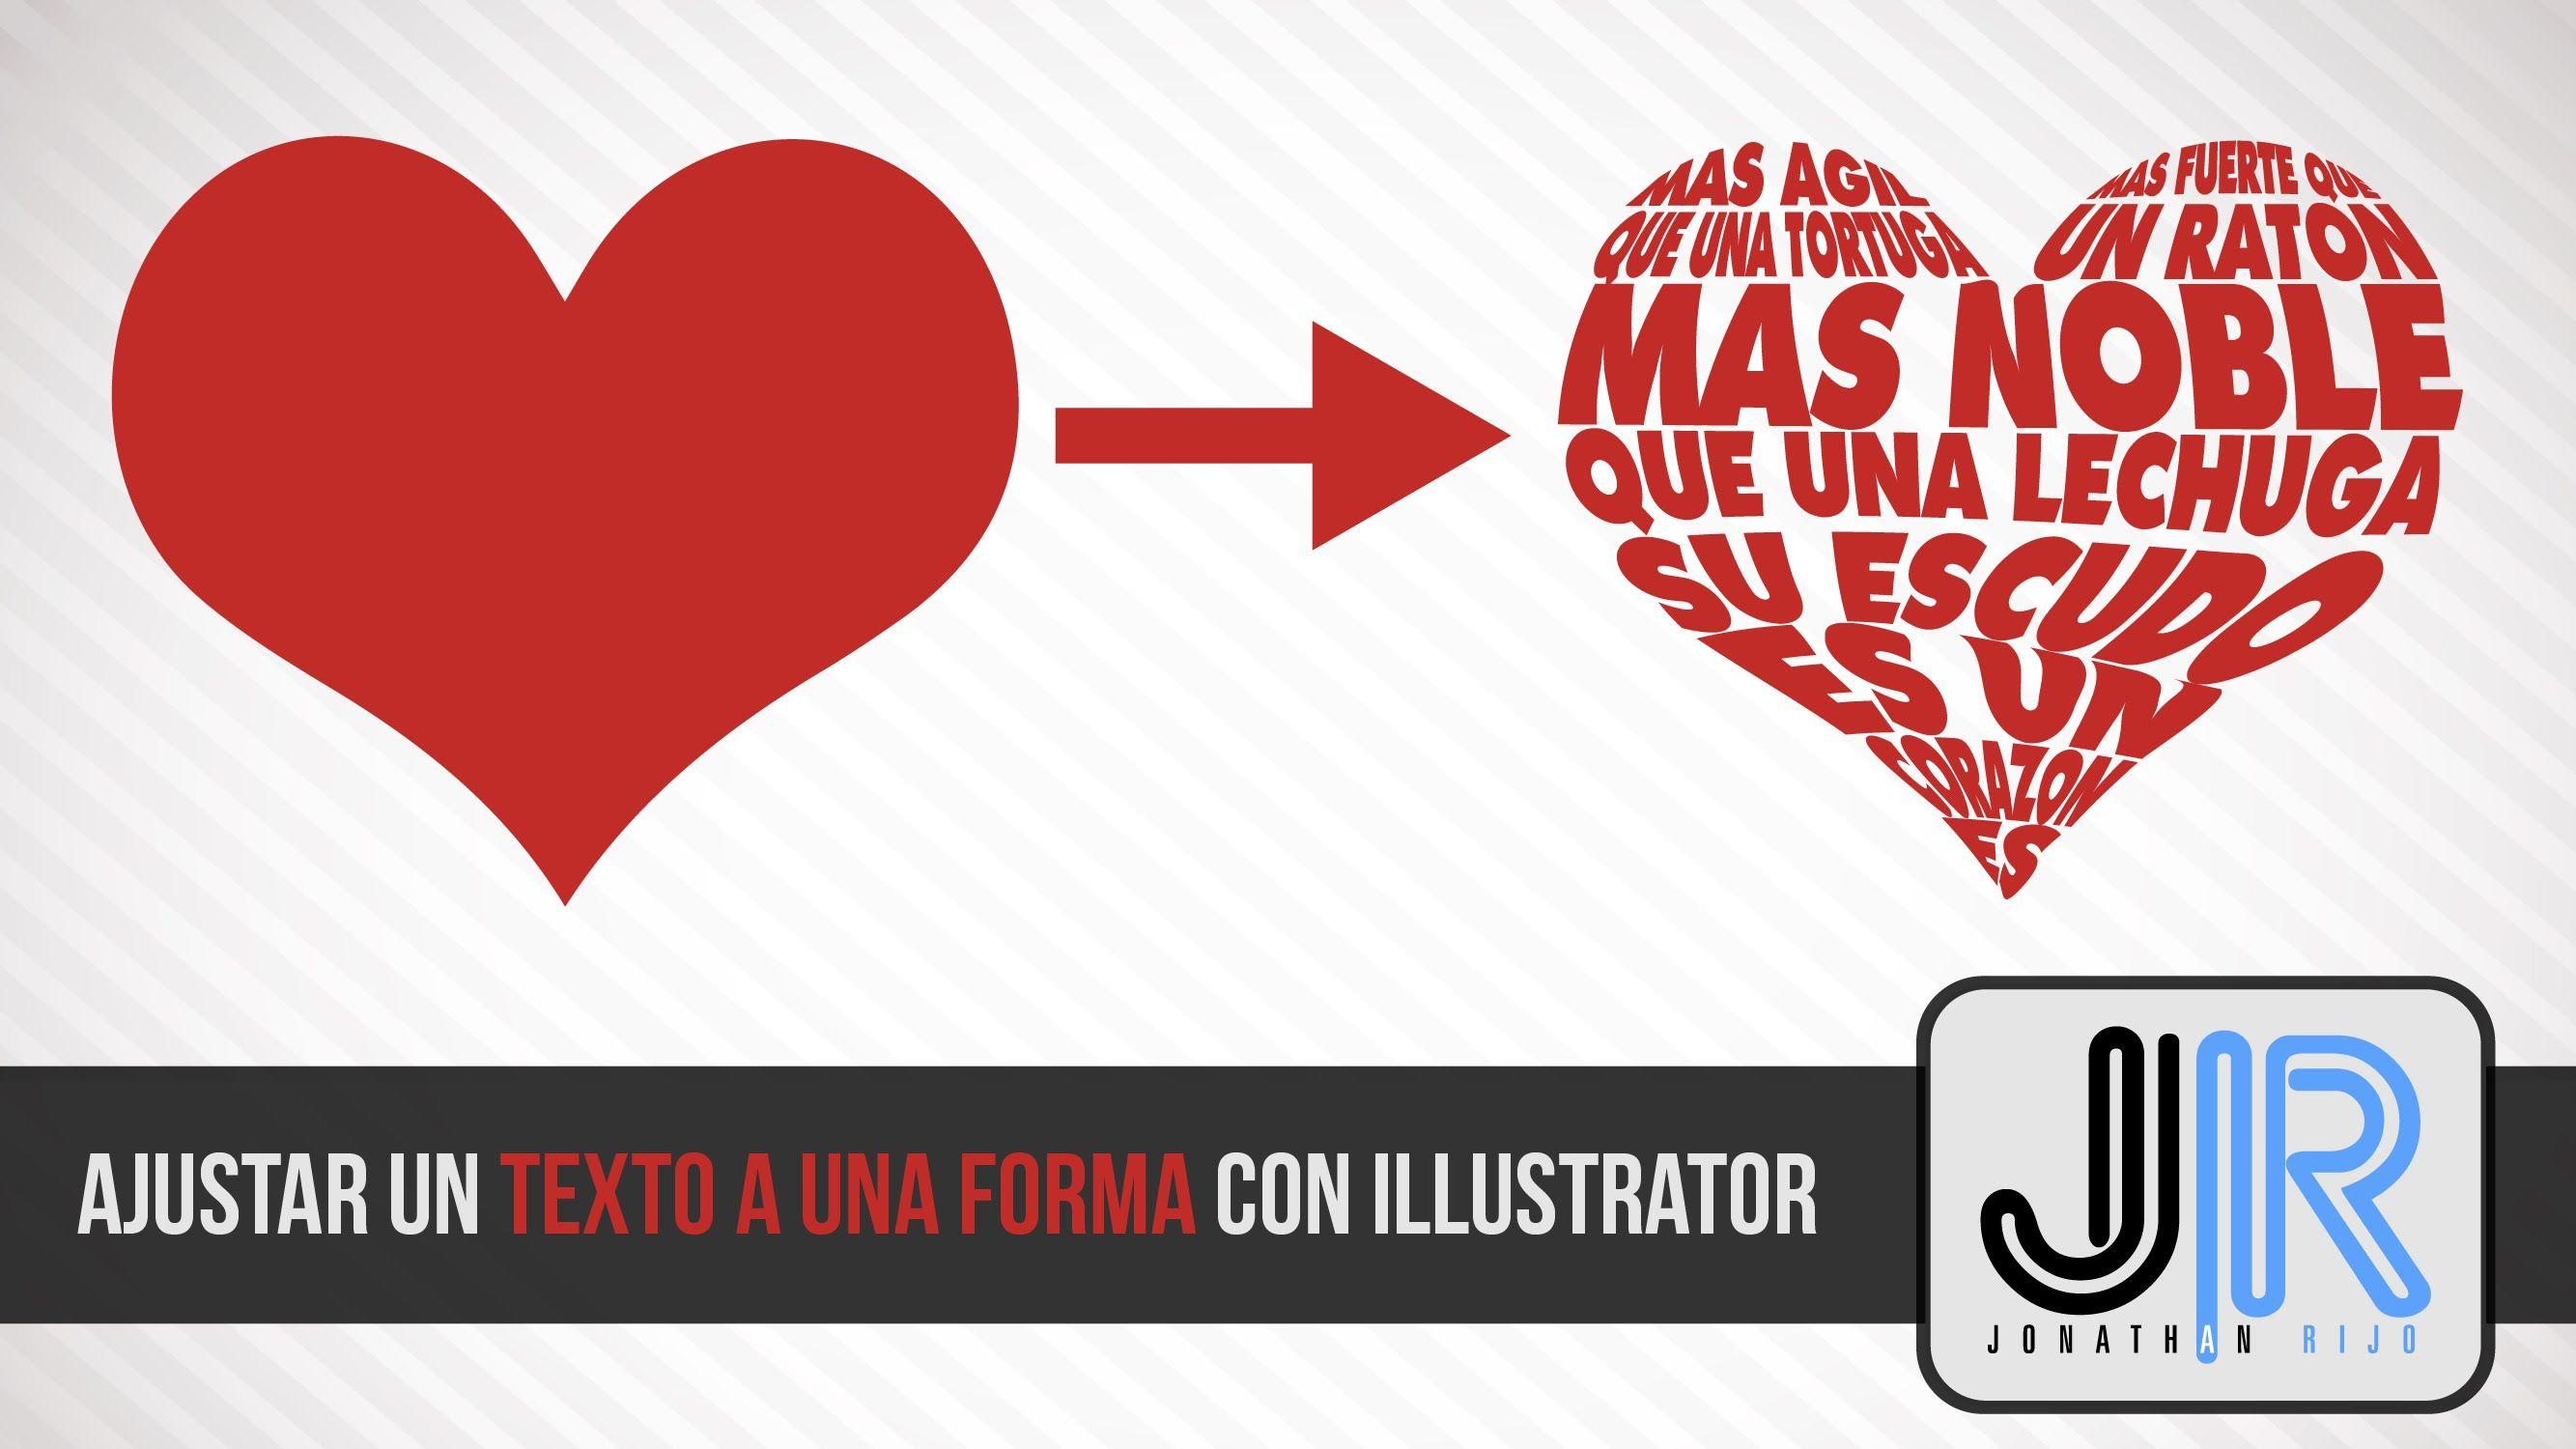 Como Ajustar Un Texto A Una Forma Con Illustrator Jonathanrijo Com Tutoriales De Ilustrador Textos Consejos De Diseño Gráfico